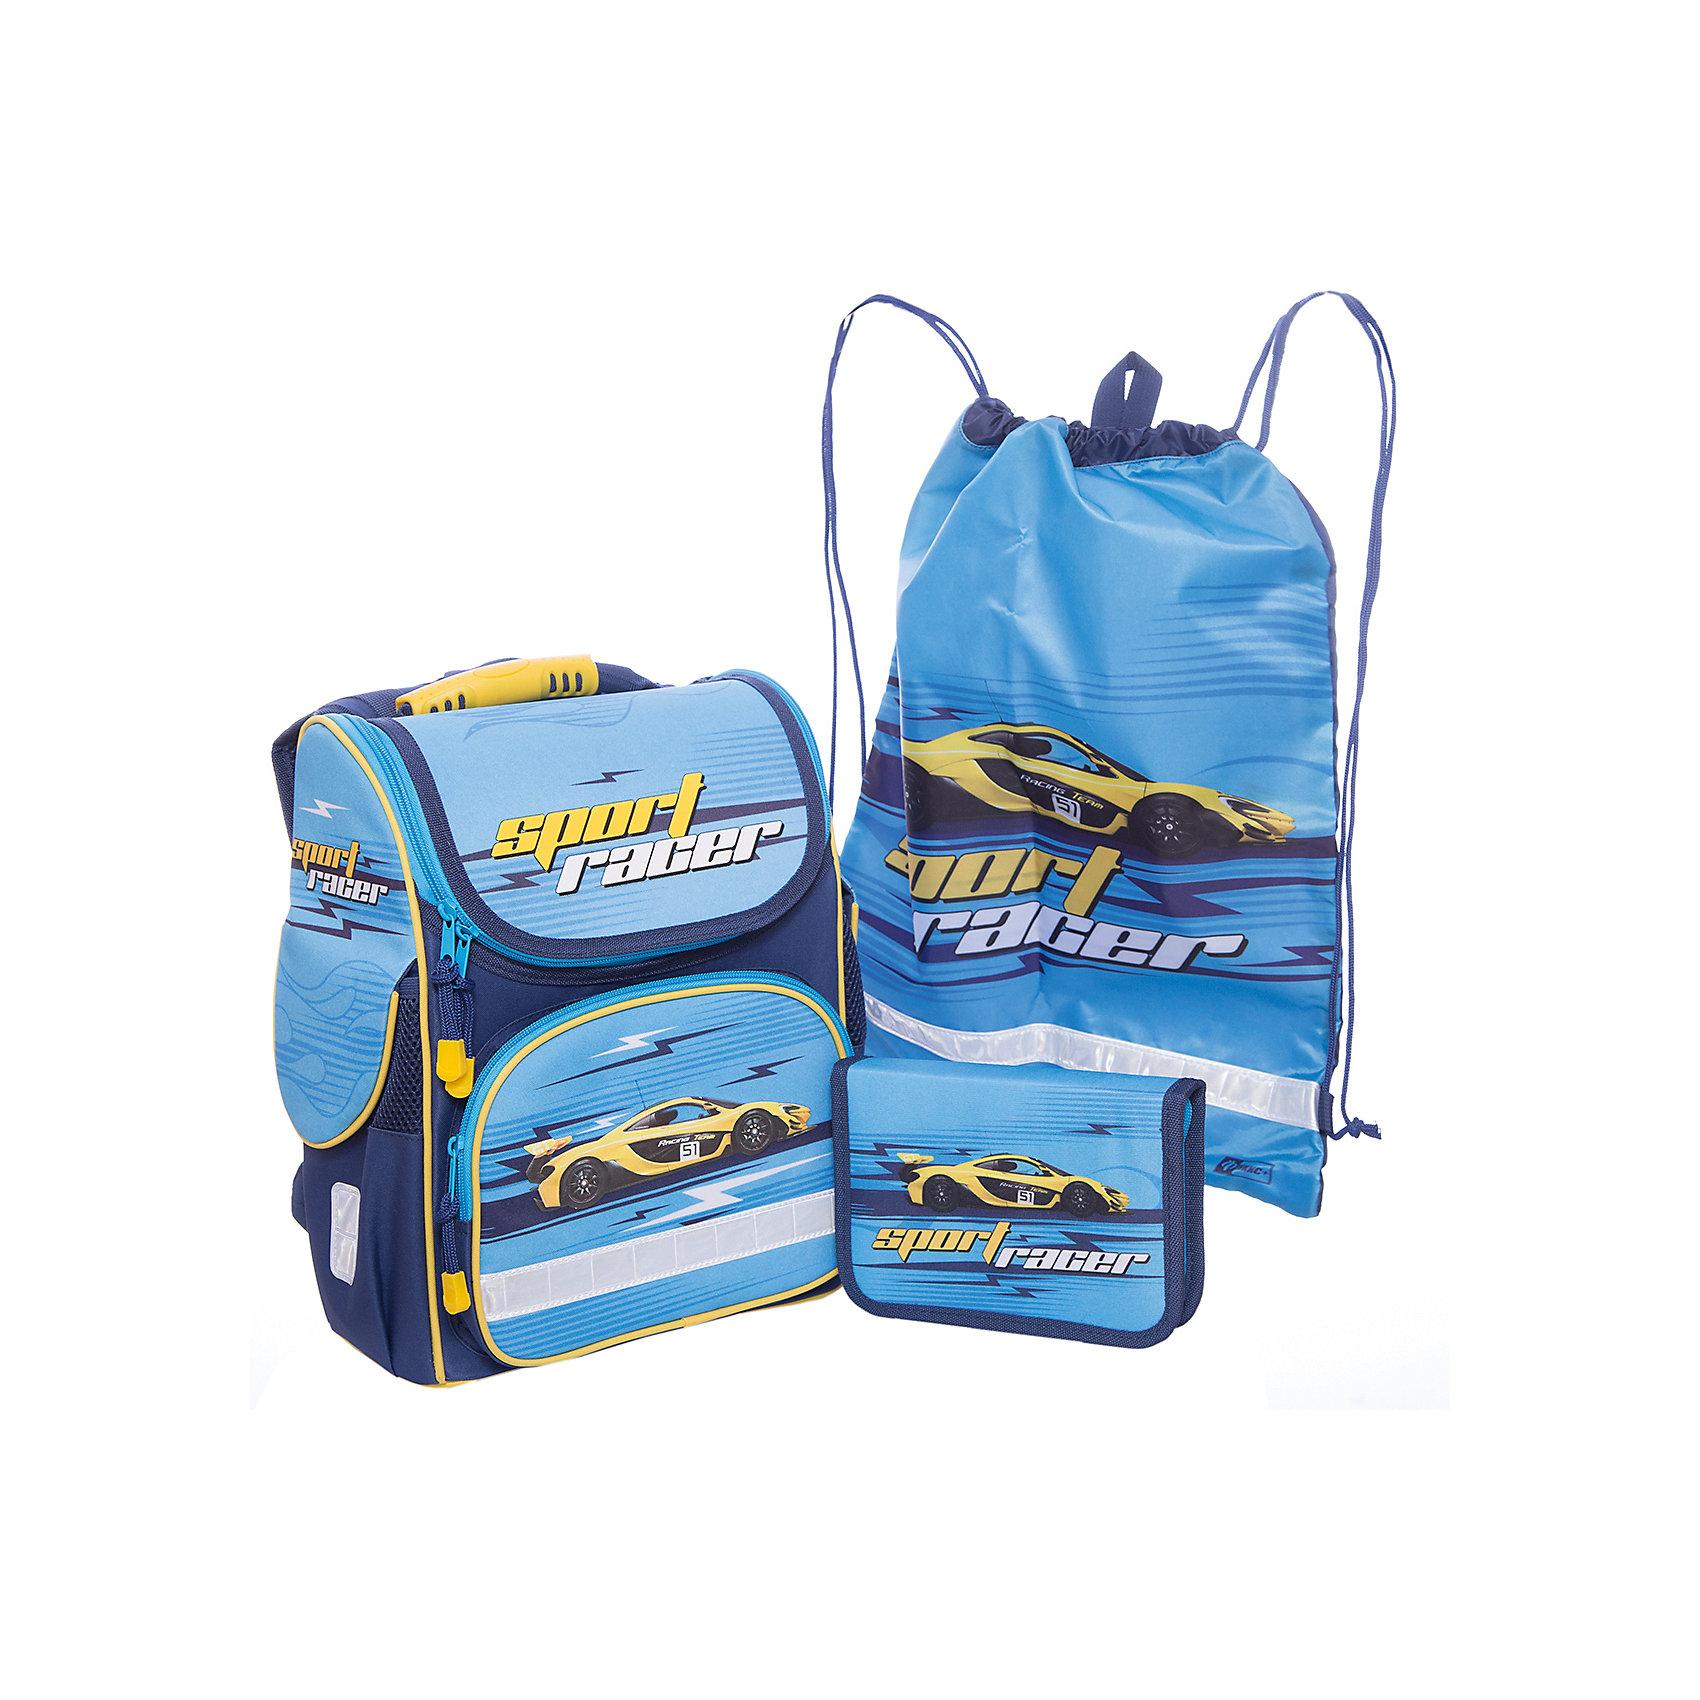 Ранец с наполнением Желтое авто  Феникс+Ранцы<br>Набор для школьника ЖЕЛТОЕ АВТО (ранец (полиэстер), пенал (без наполнения), мешок для обуви: (ранец: 35x26x15см,  пенал: 20x13.3x3.5см, мешок для обуви: 36x48см. Набор в подарочной картонной коробке с ПВХ-окном)<br><br>Ширина мм: 300<br>Глубина мм: 190<br>Высота мм: 370<br>Вес г: 1450<br>Возраст от месяцев: 72<br>Возраст до месяцев: 2147483647<br>Пол: Унисекс<br>Возраст: Детский<br>SKU: 7046253